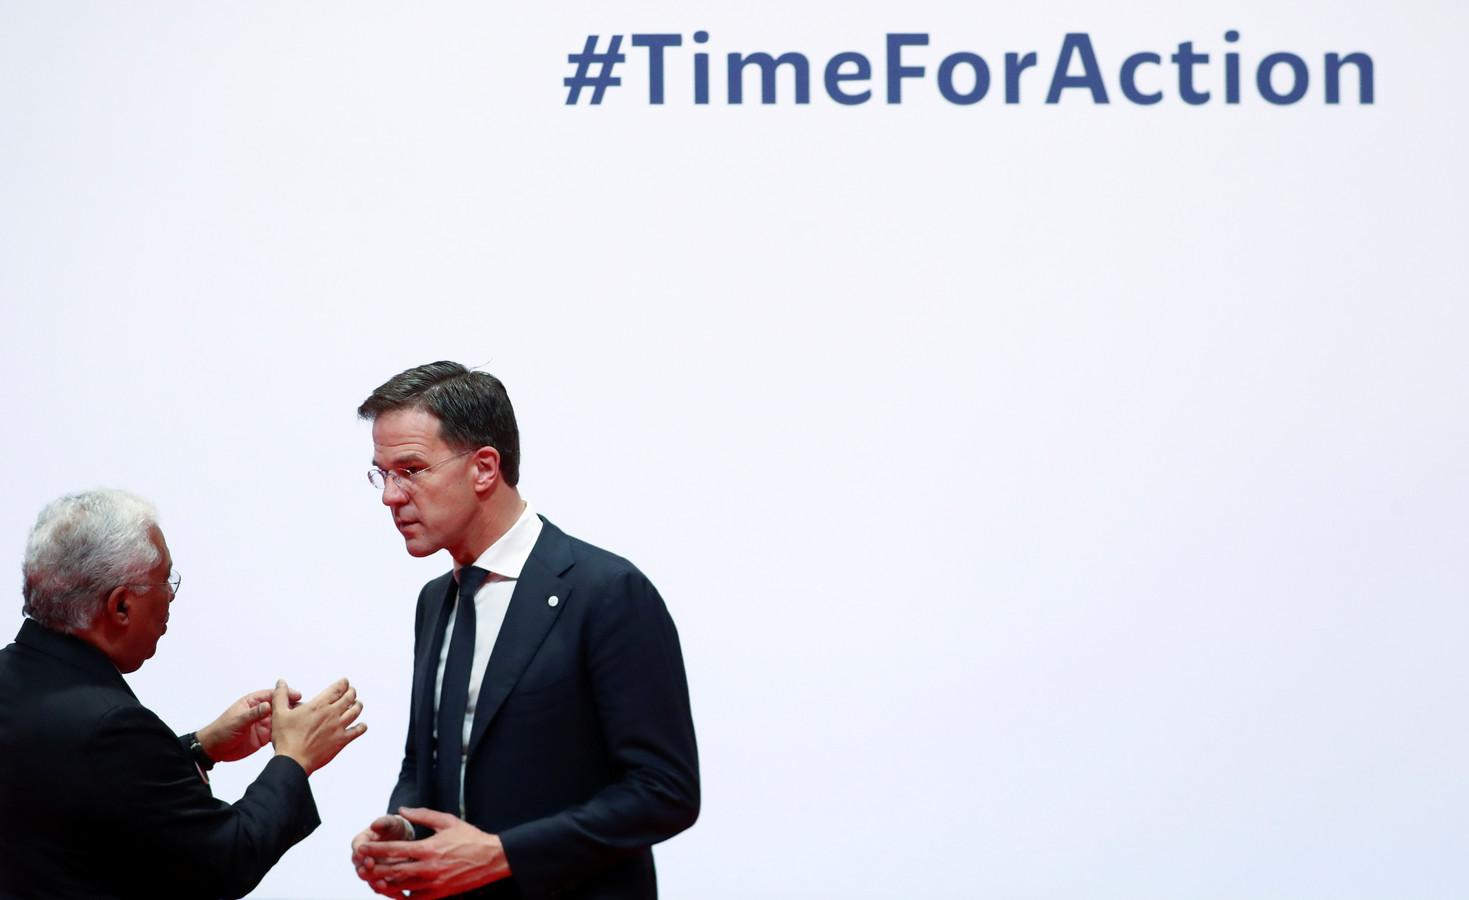 Mark Rutte vandaag bij de opening van de klimaattop in Madrid in gesprek met de Portugese premier Antonio Costa.